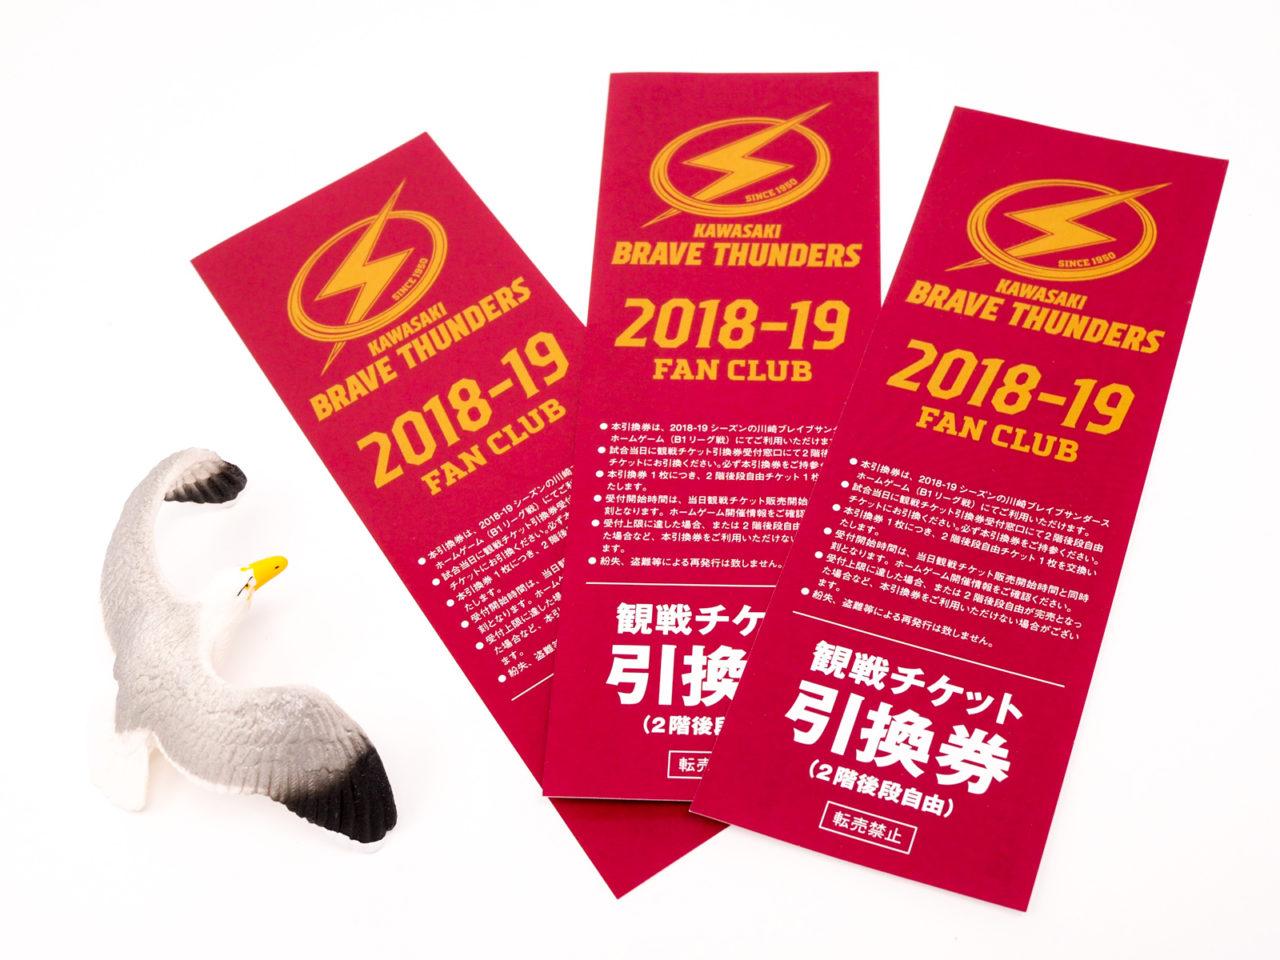 川崎ブレイブサンダースのチケット引換券